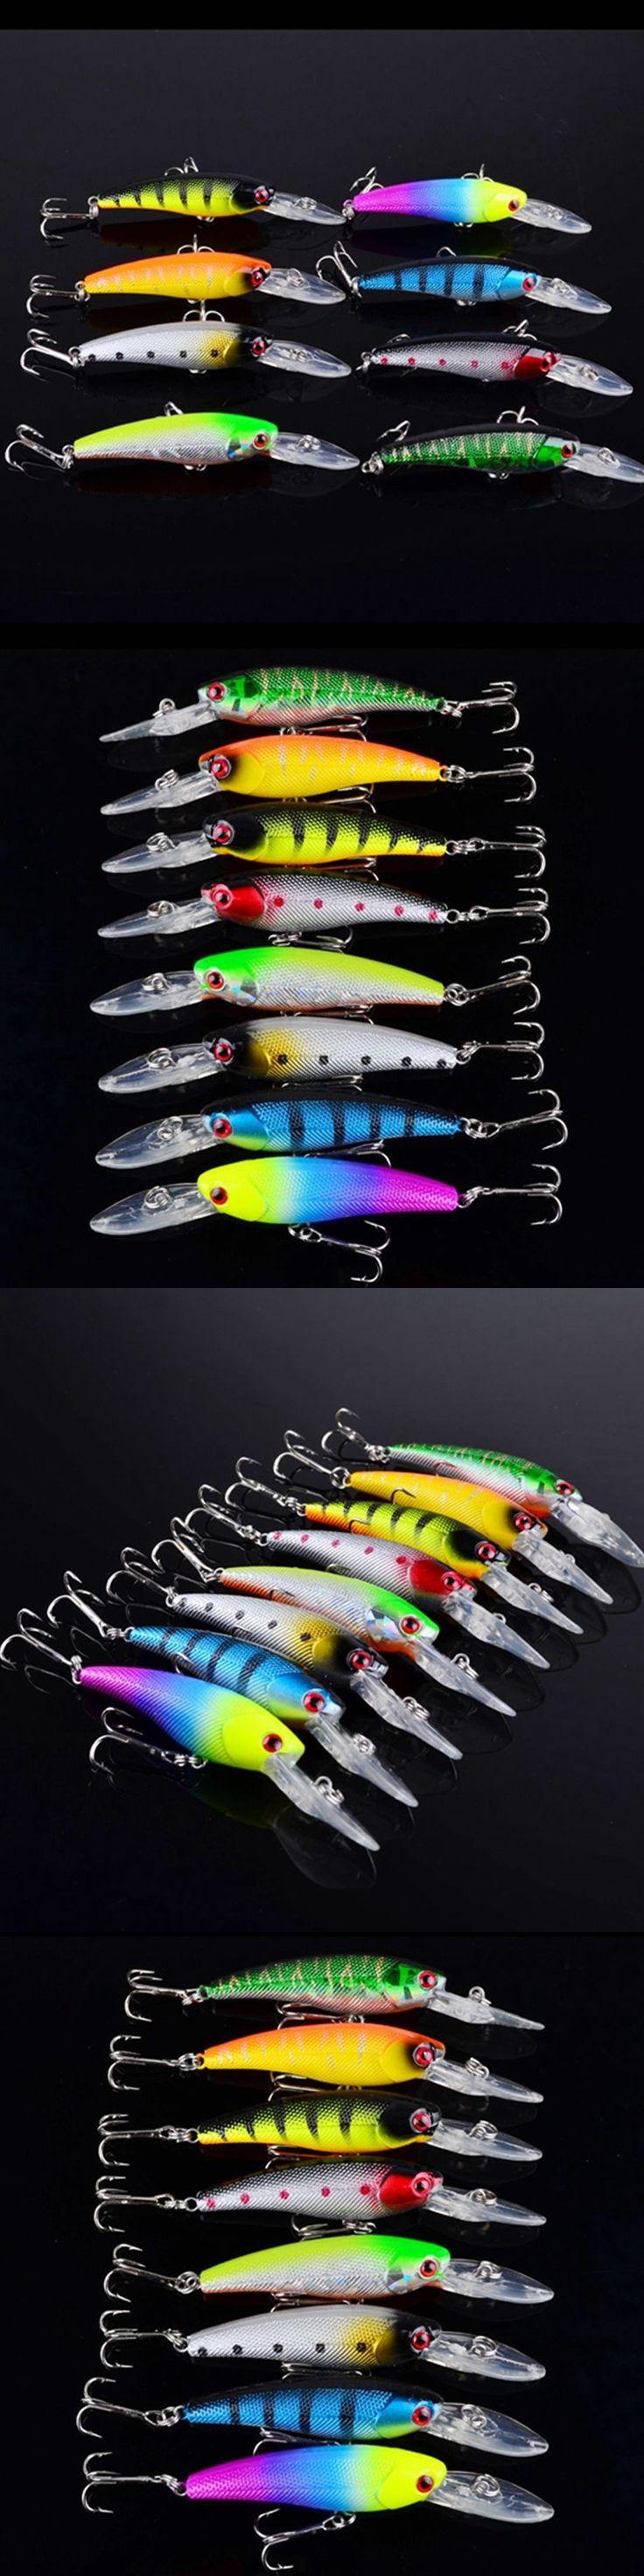 Wholesale 8Pieces/Lot  Fishing Lure set Minnow Bait Carp Fishing Wobbler Crankbait 3D eyes Sea Fishing tackle Pesca 90mm 8.3g